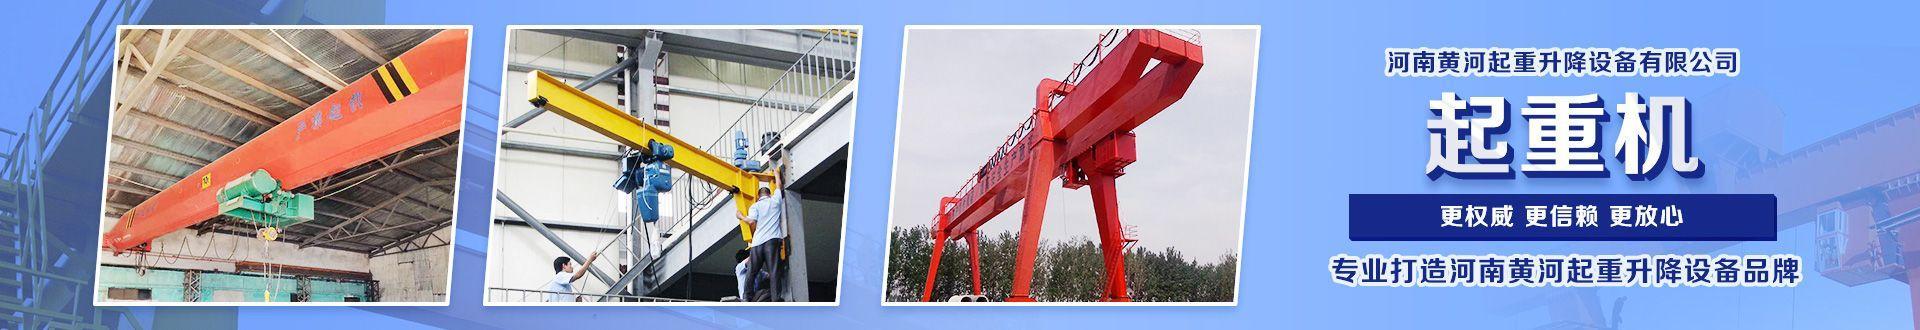 河南黄河起重升降设备有限公司